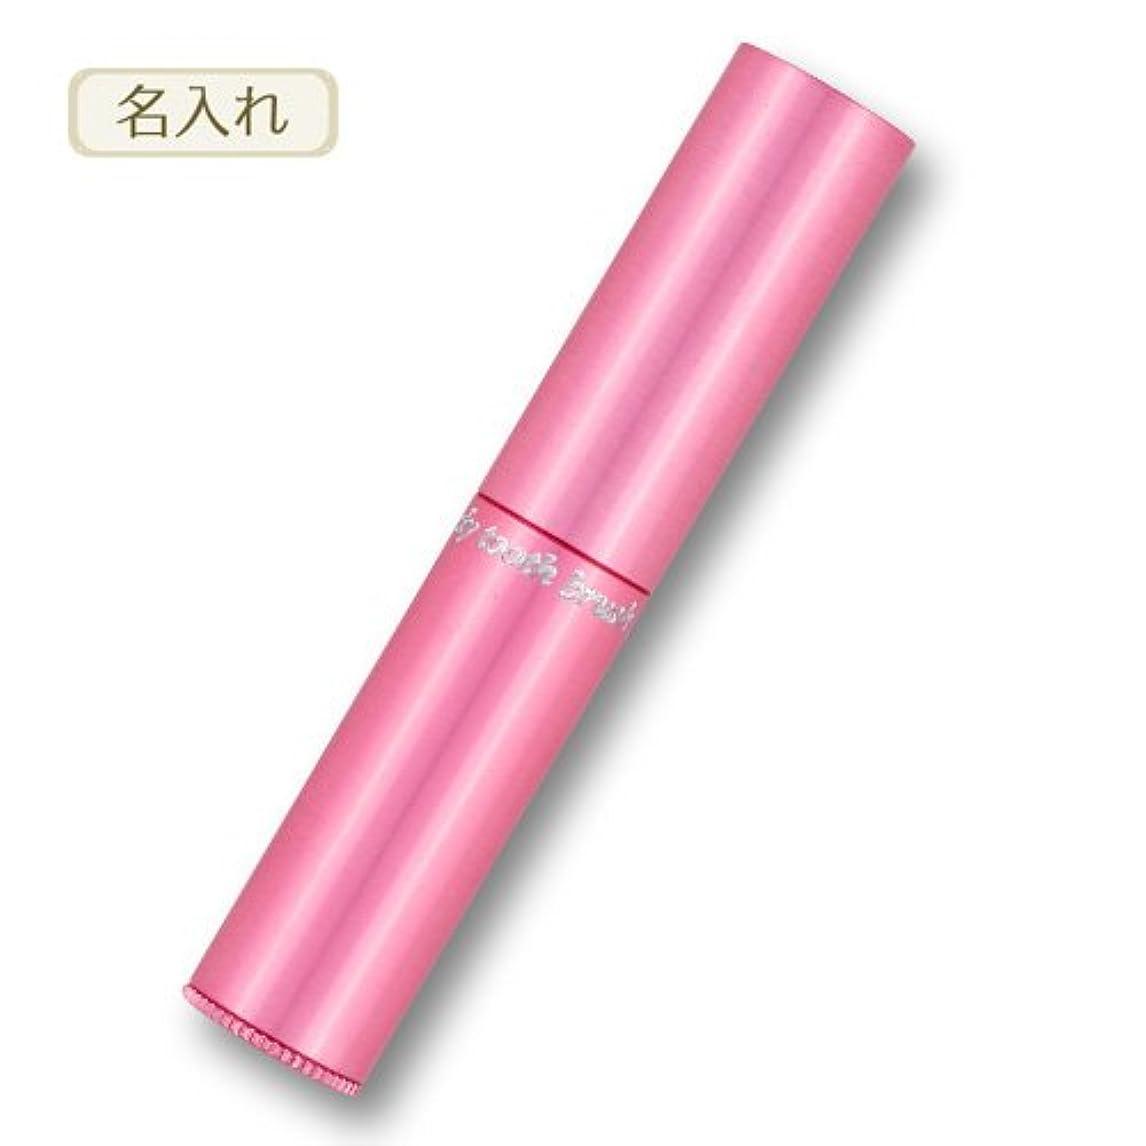 重要ペネロペ便益携帯歯ブラシ?タベタラmigaCO(ピンク?ネーム入り)